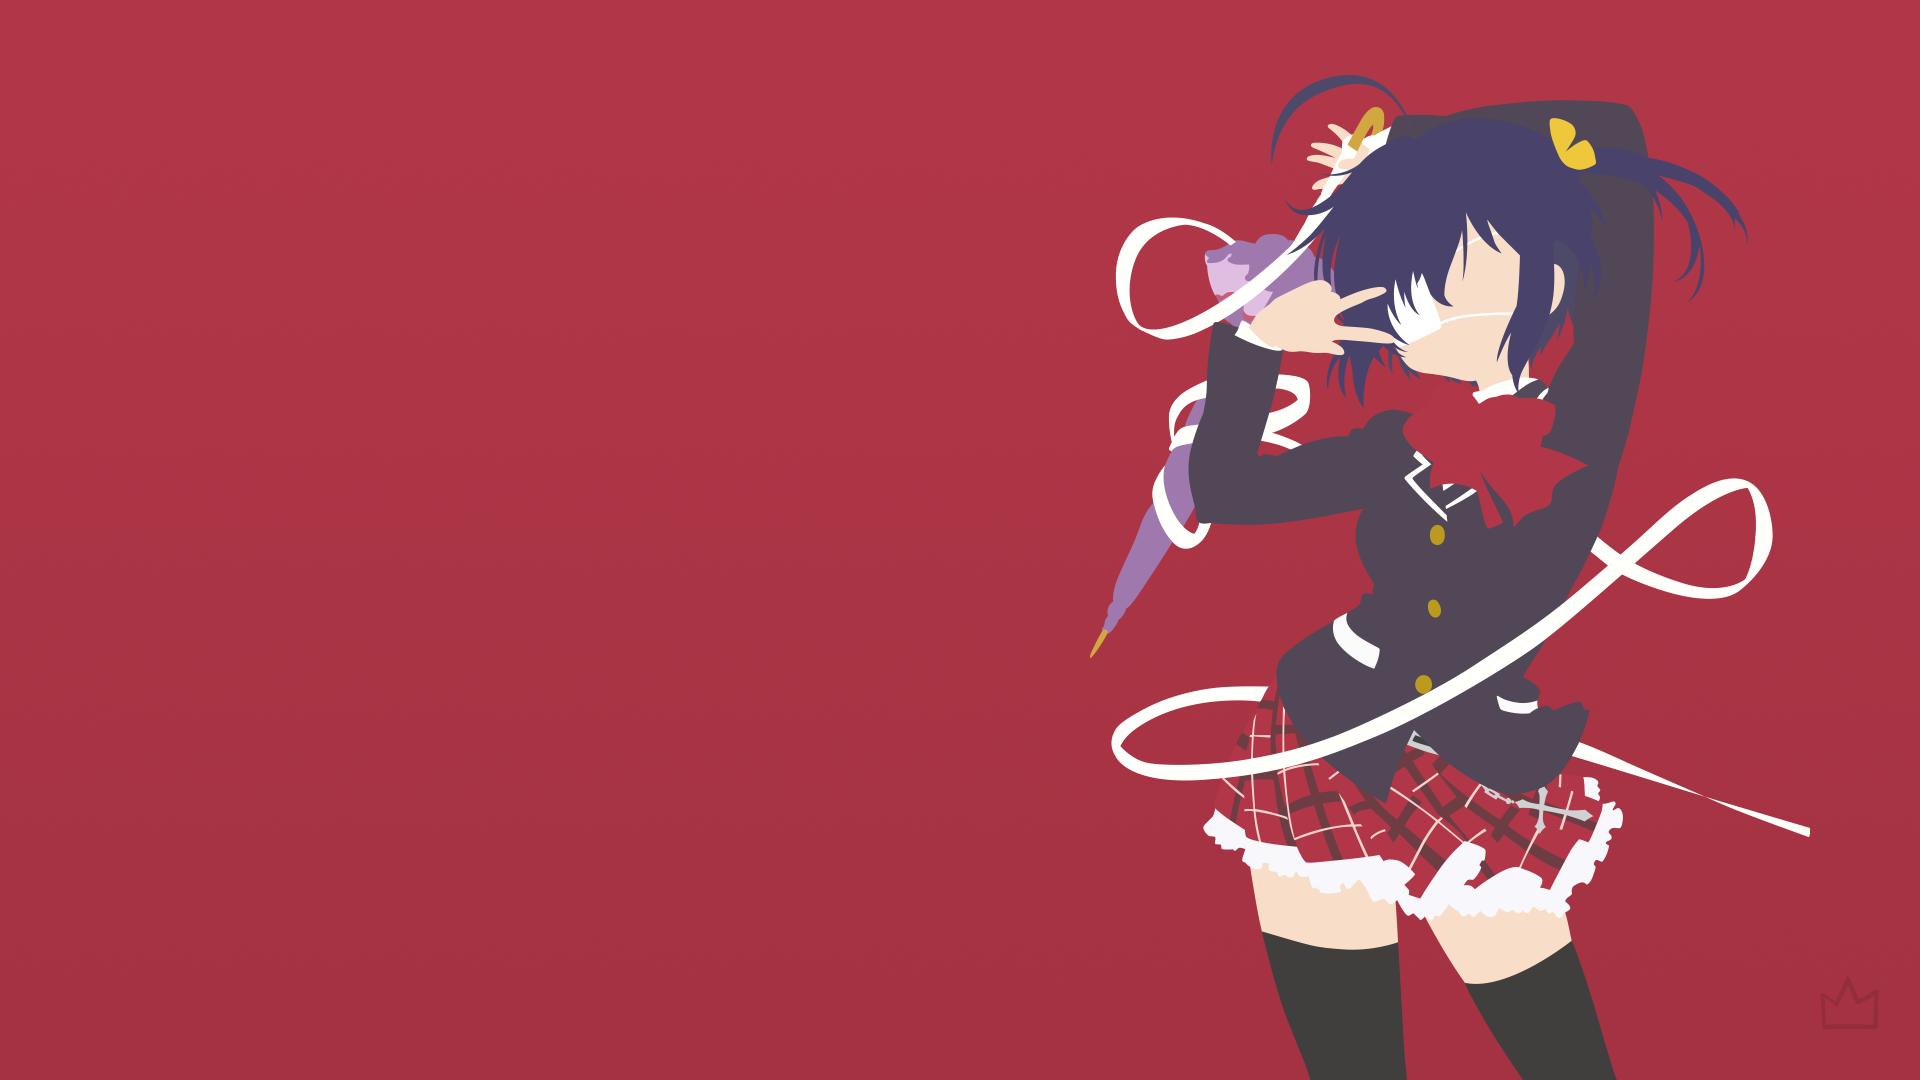 Free Download Rikka Chuunibyou Demo Koi Ga Shitai By Klikster Fan